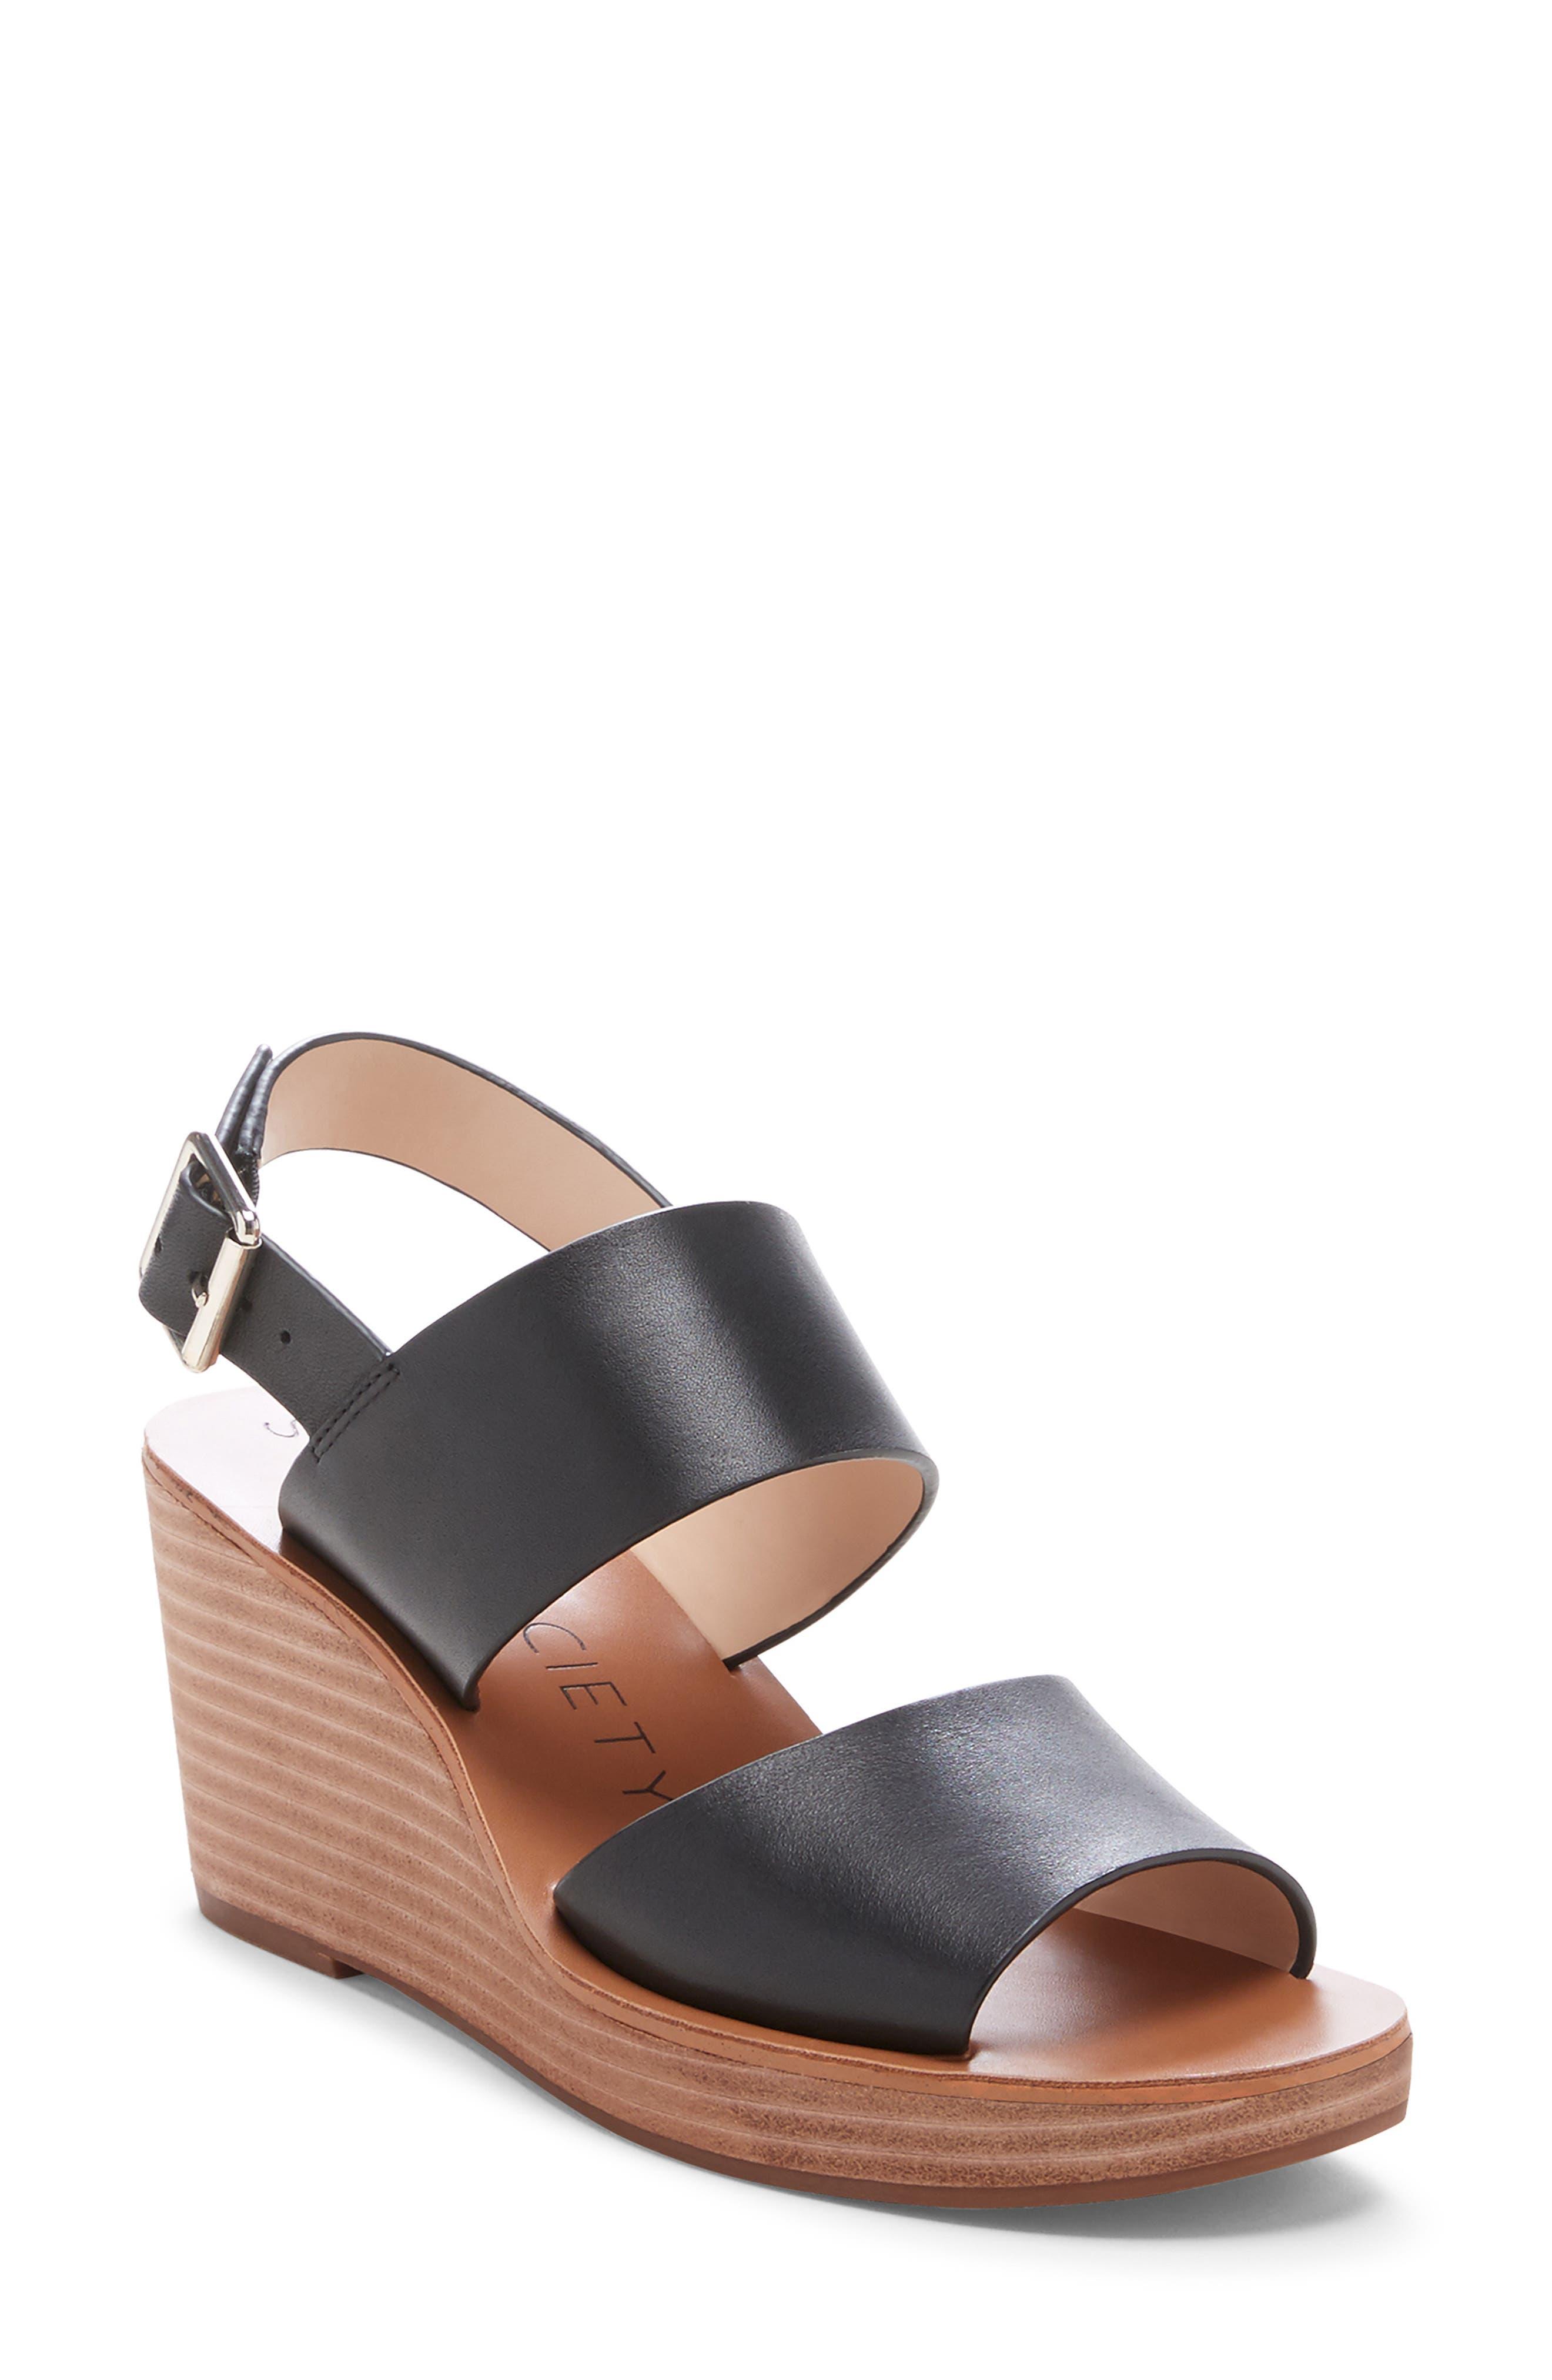 Pavlina Platform Wedge Sandal, Main, color, BLACK LEATHER